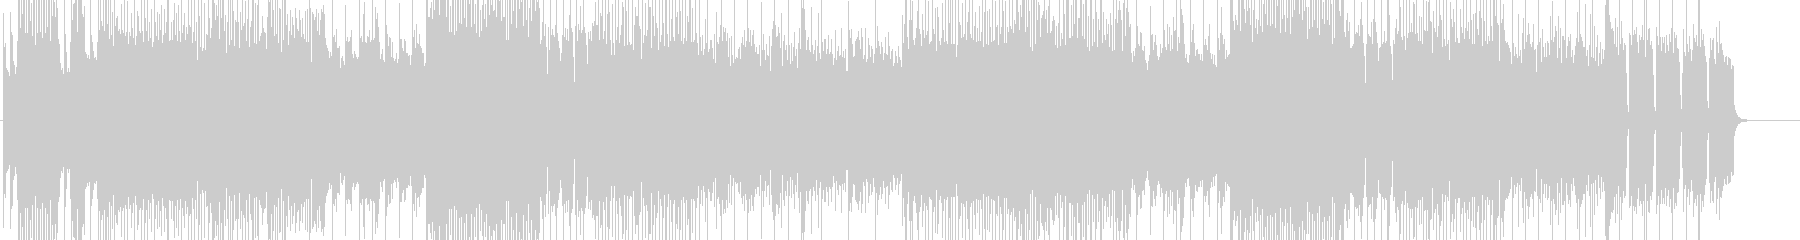 「HR/HM」「DARK・METAL」の未再生の波形